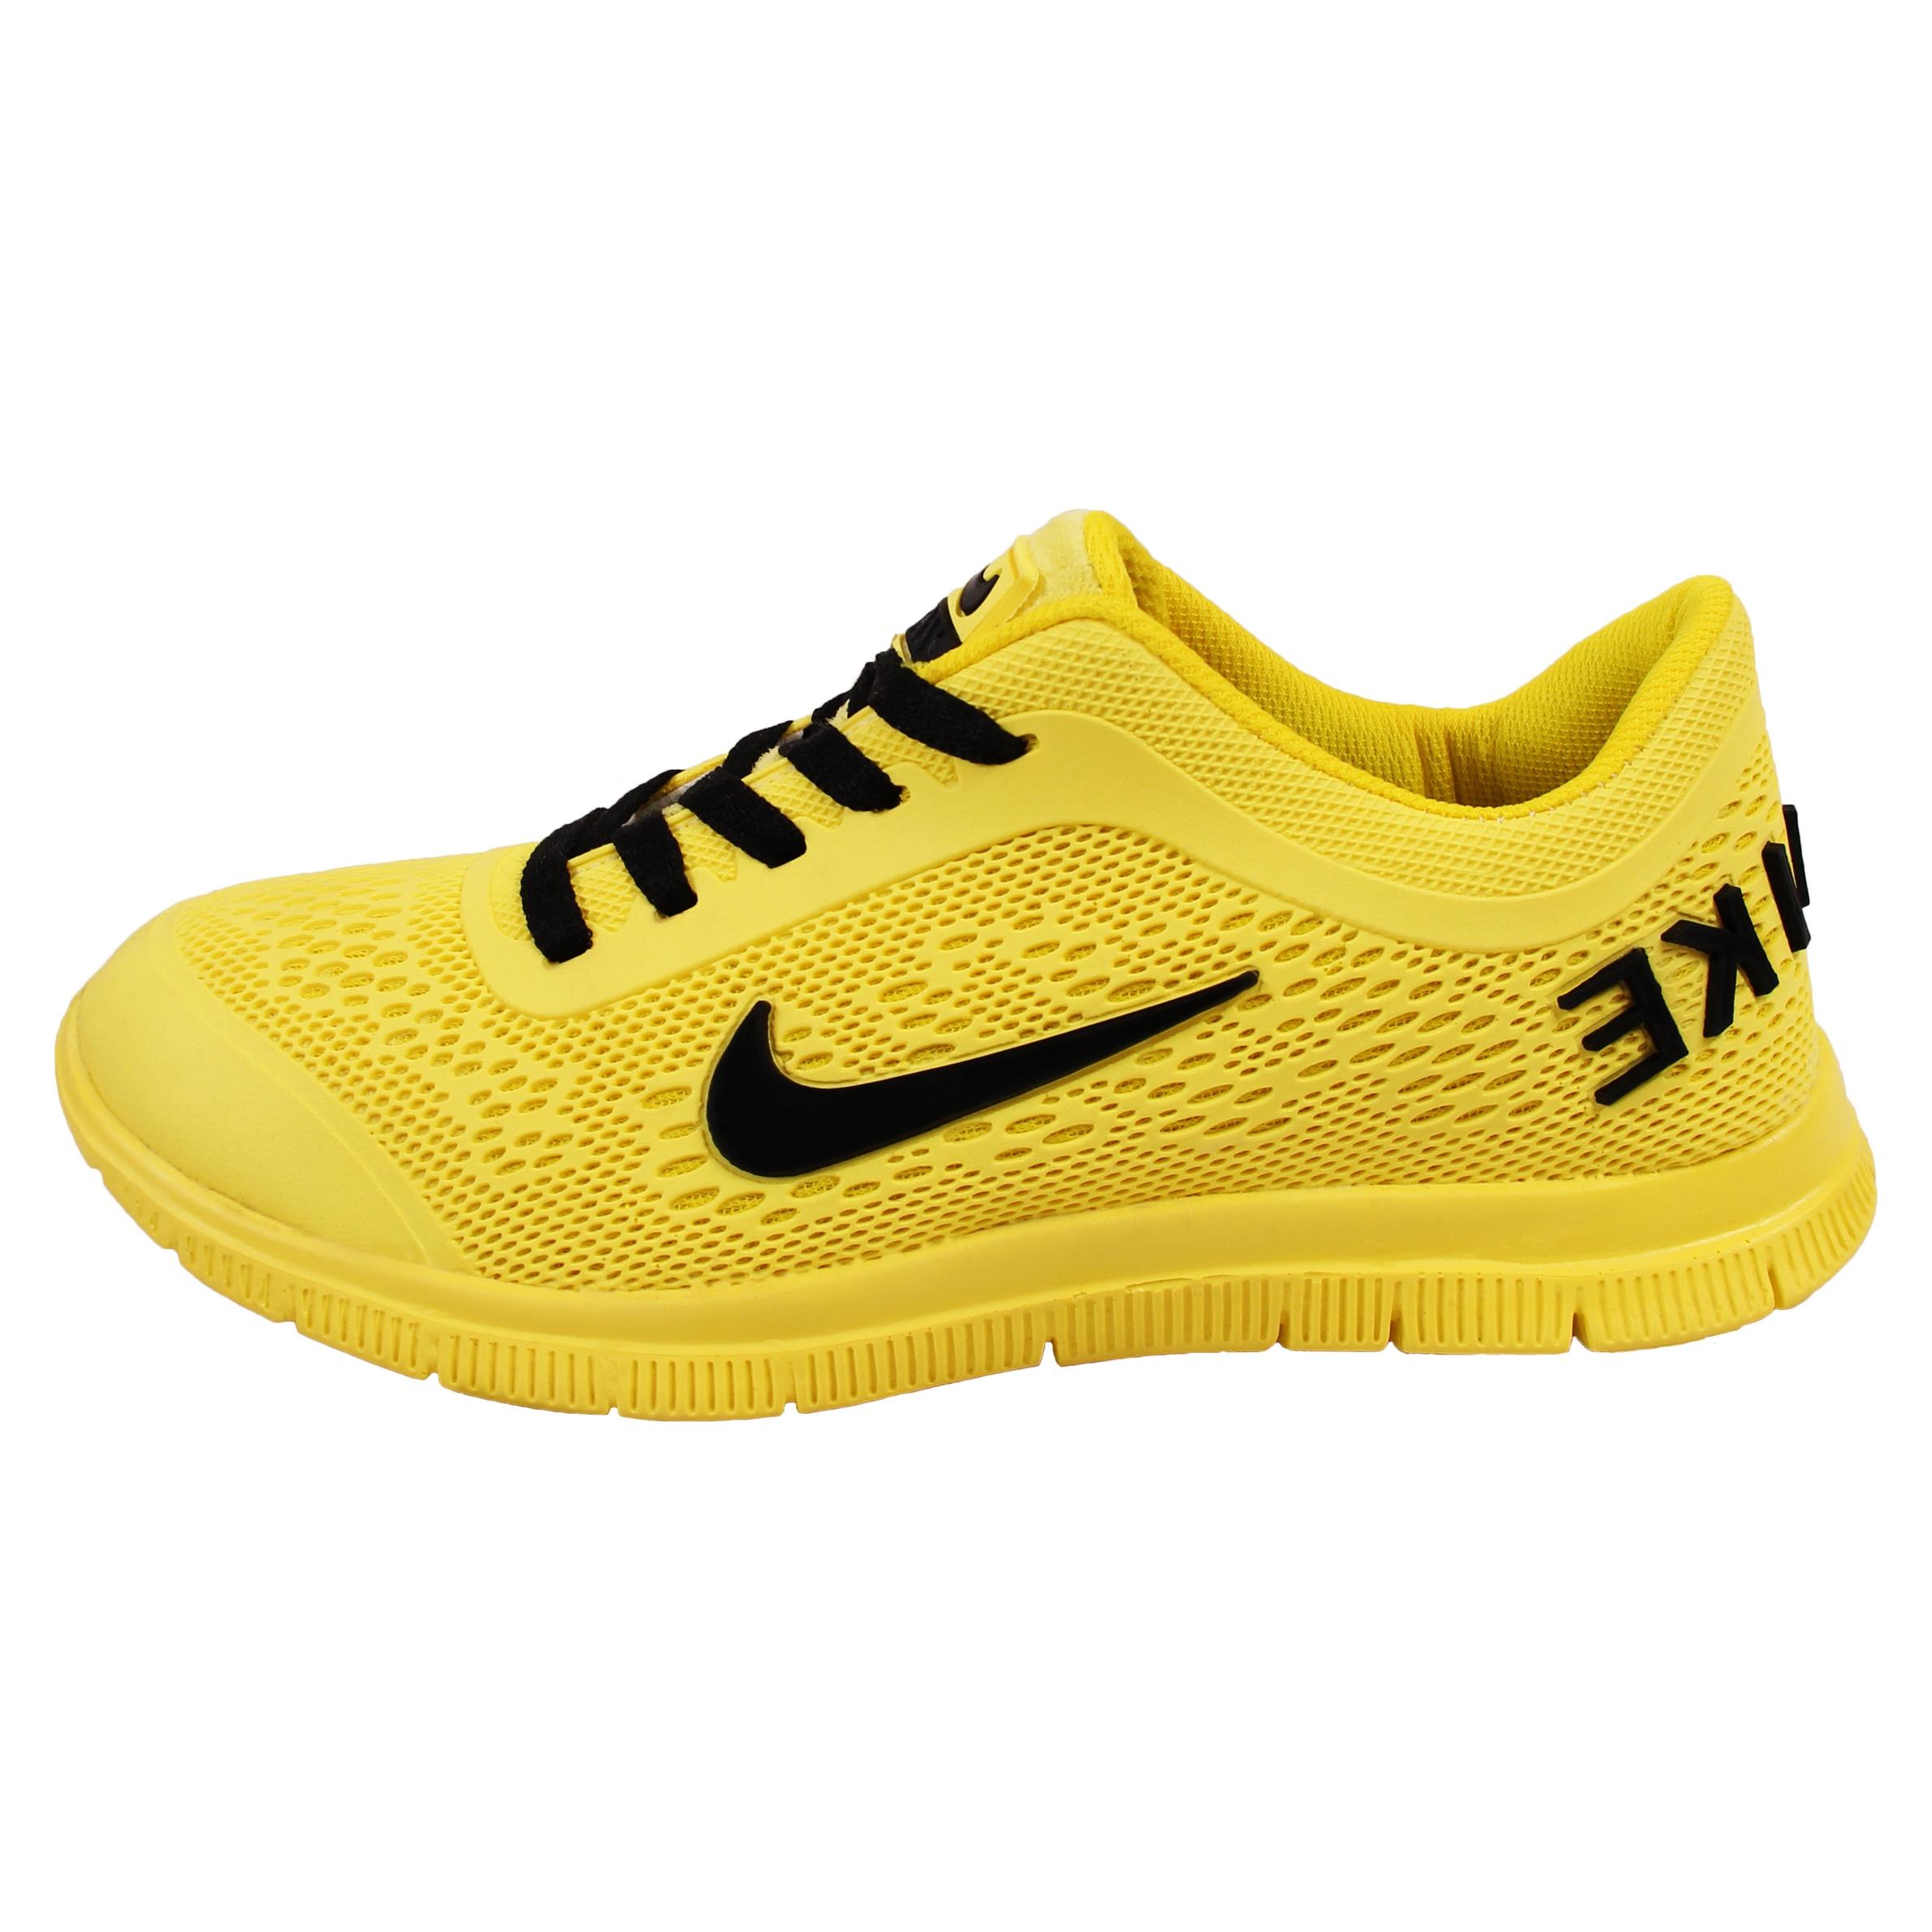 کفش مخصوص پیاده روی زنانه کد 19-39633